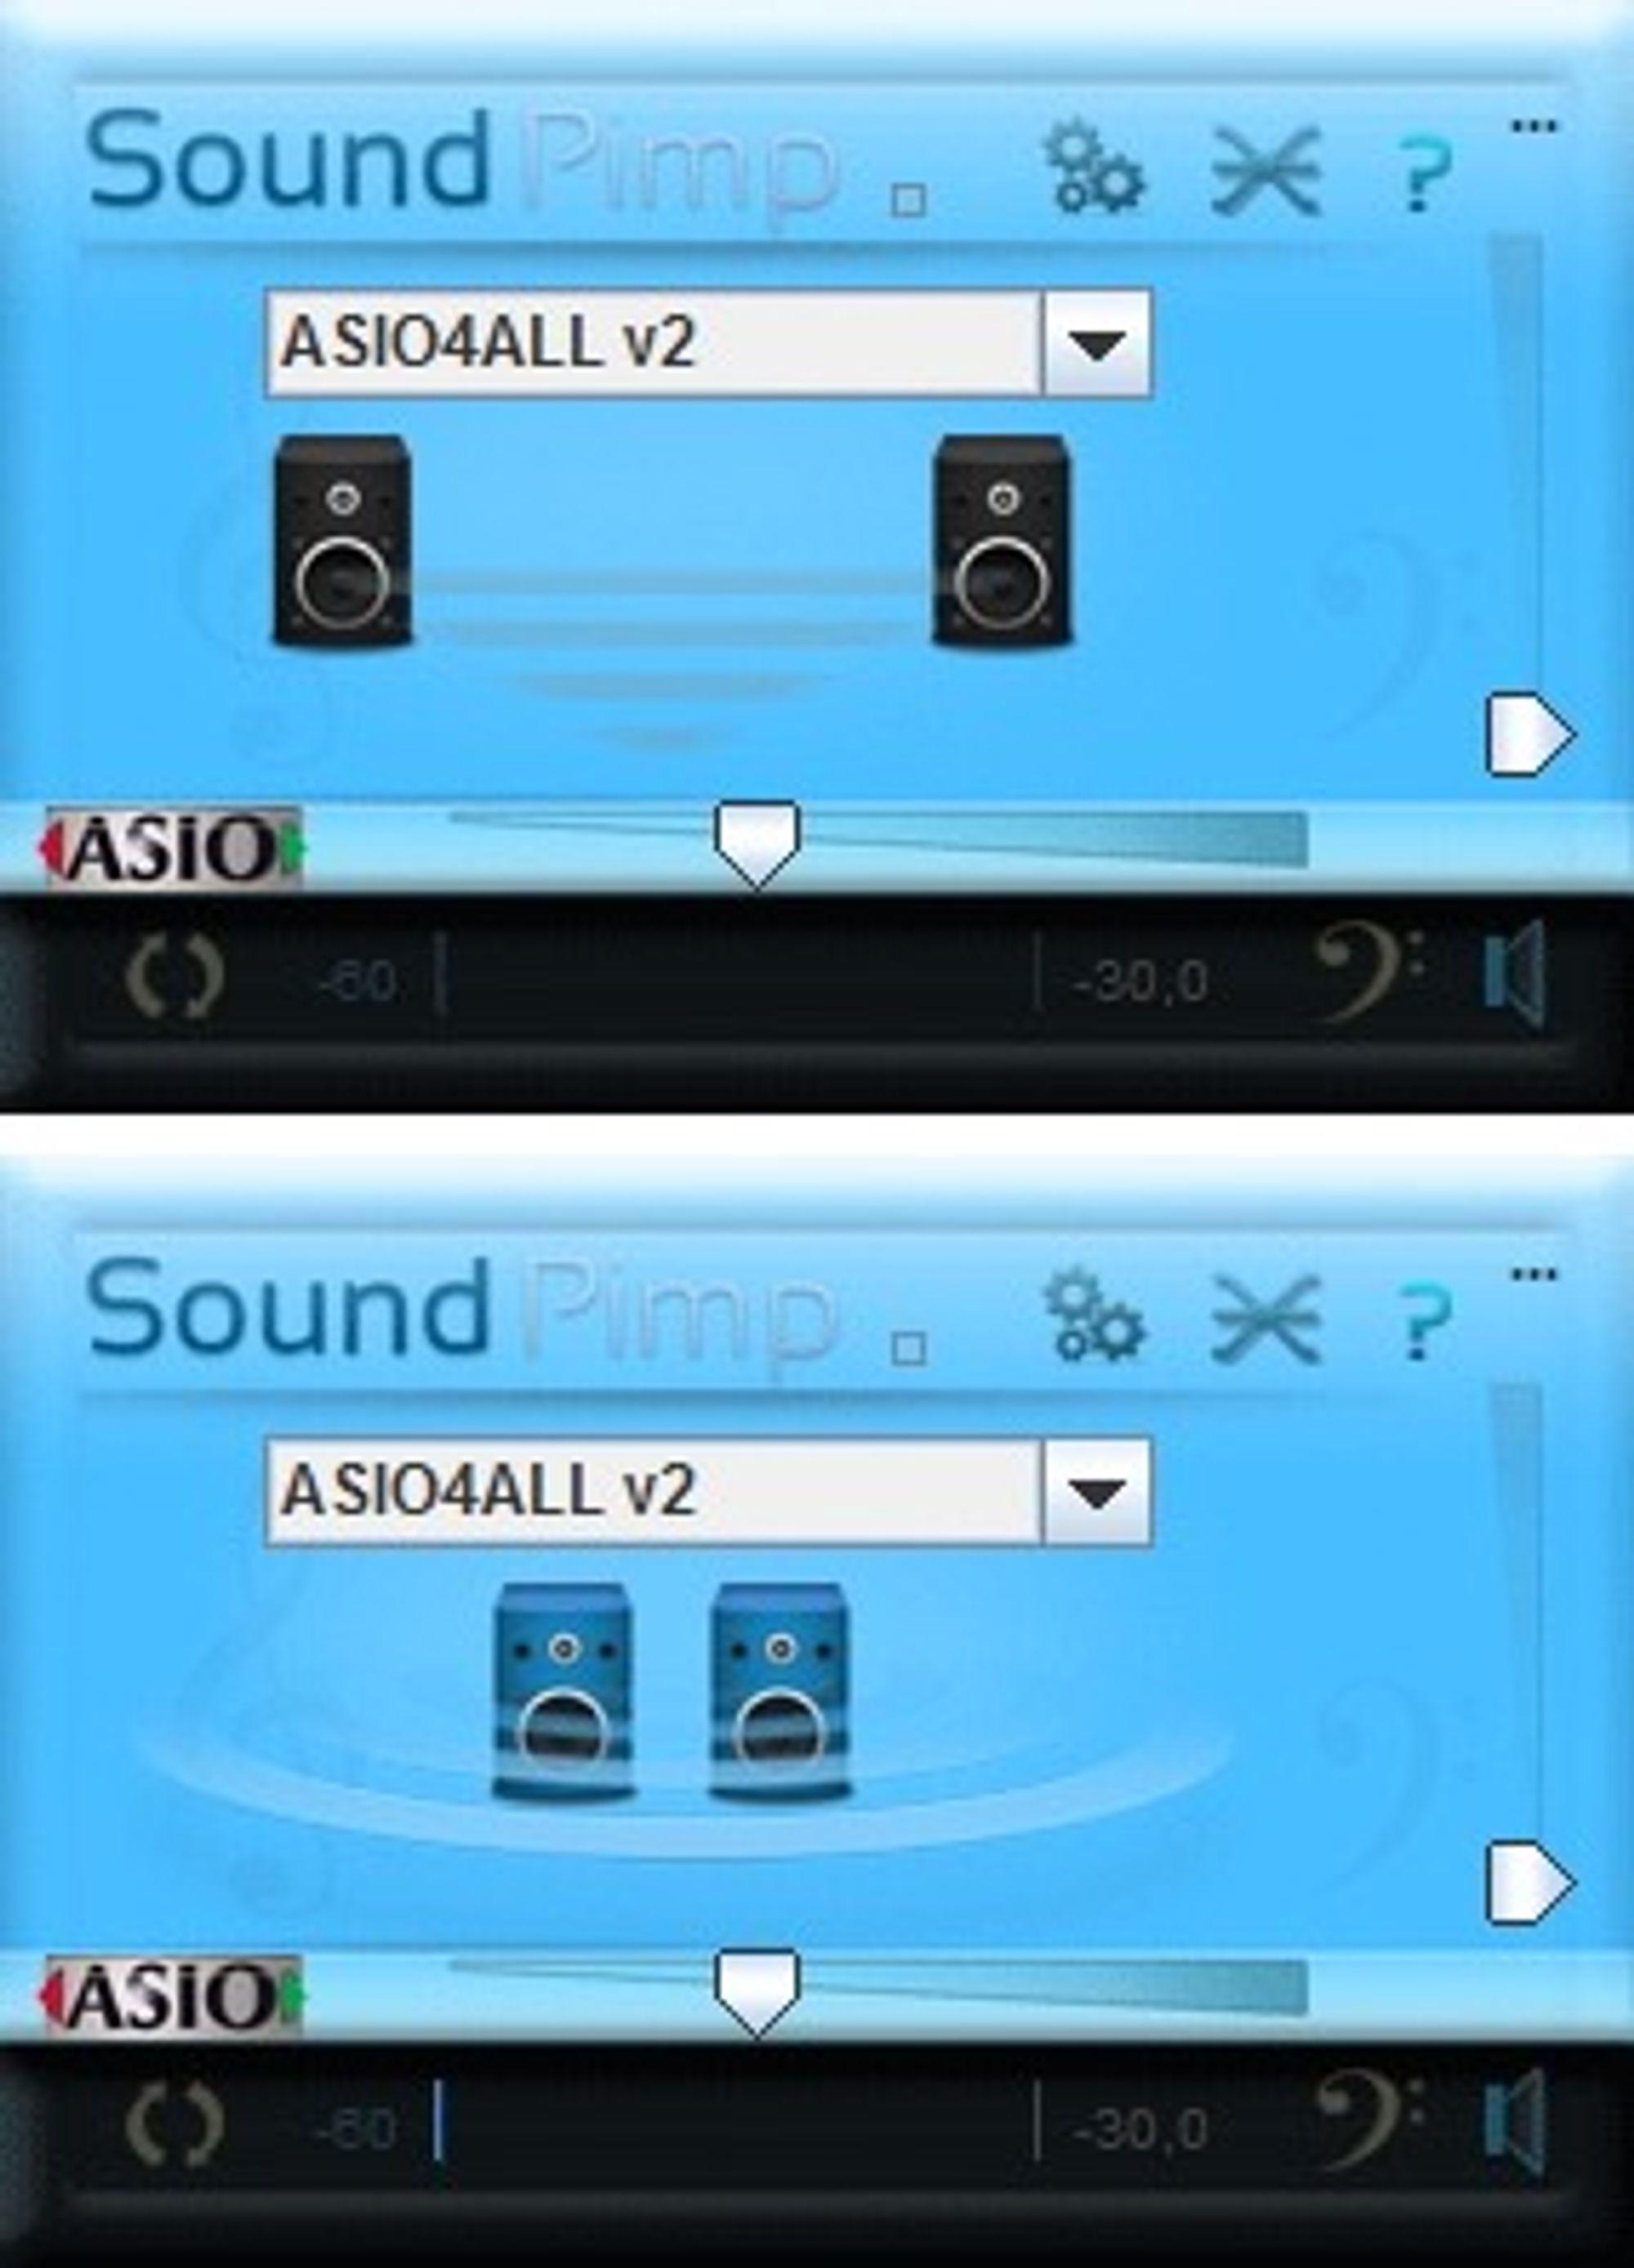 Musikkontroll: I SoundPimps kontrollpanel kan man velge mellom vanlig stereo og stereo som er forbedret og man kan justere virkningen av algoritmene.